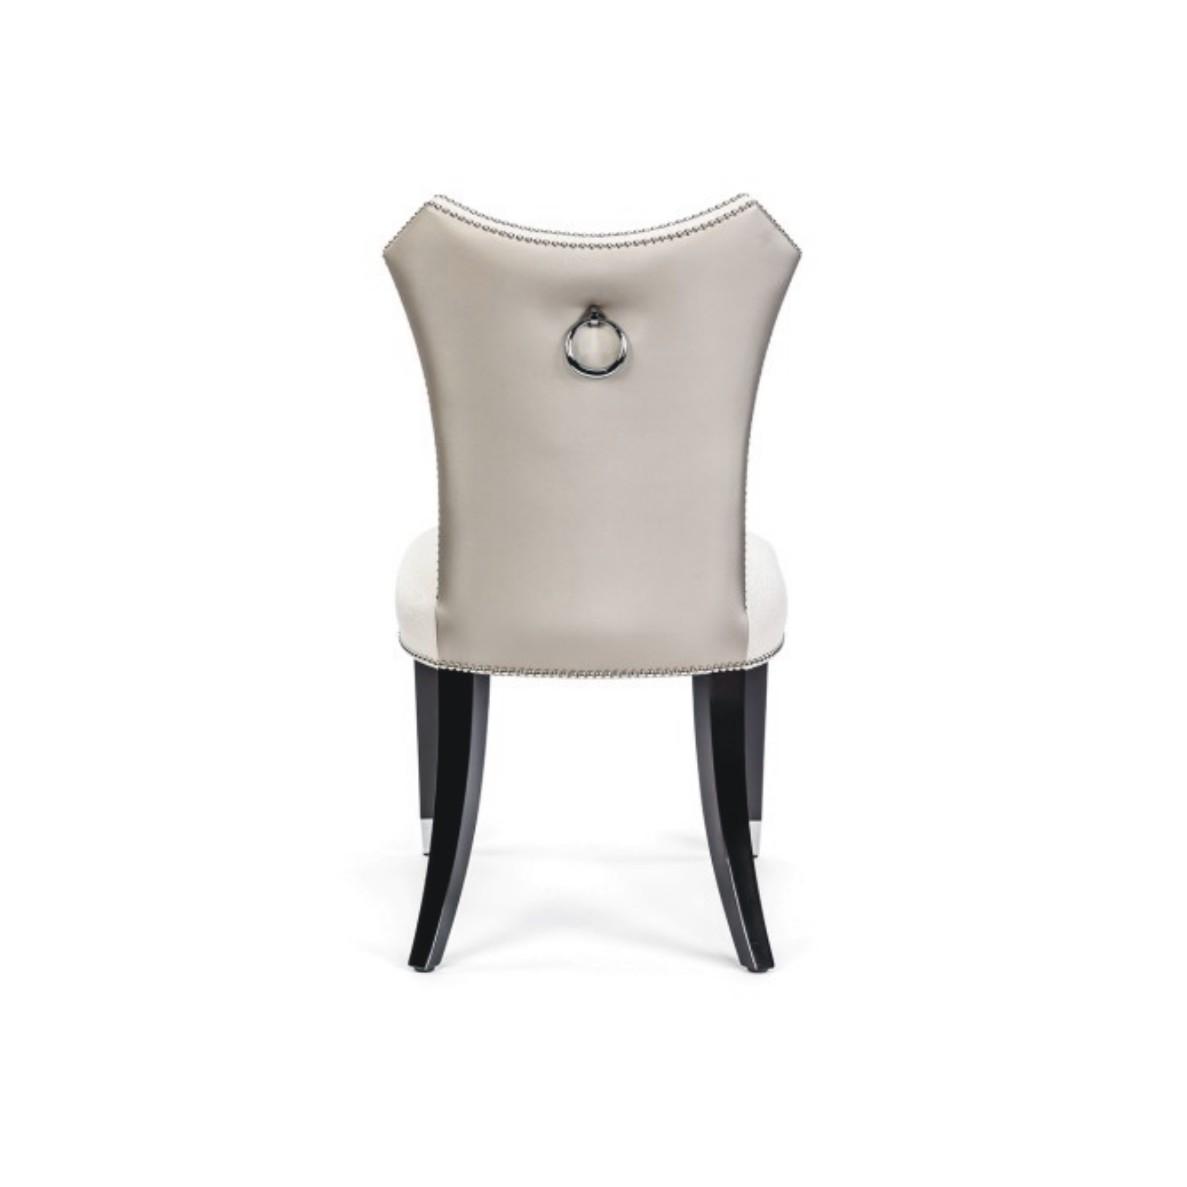 书房|书椅|创意家具|现代家居|时尚家具|设计师家具|优选新美式餐椅H58